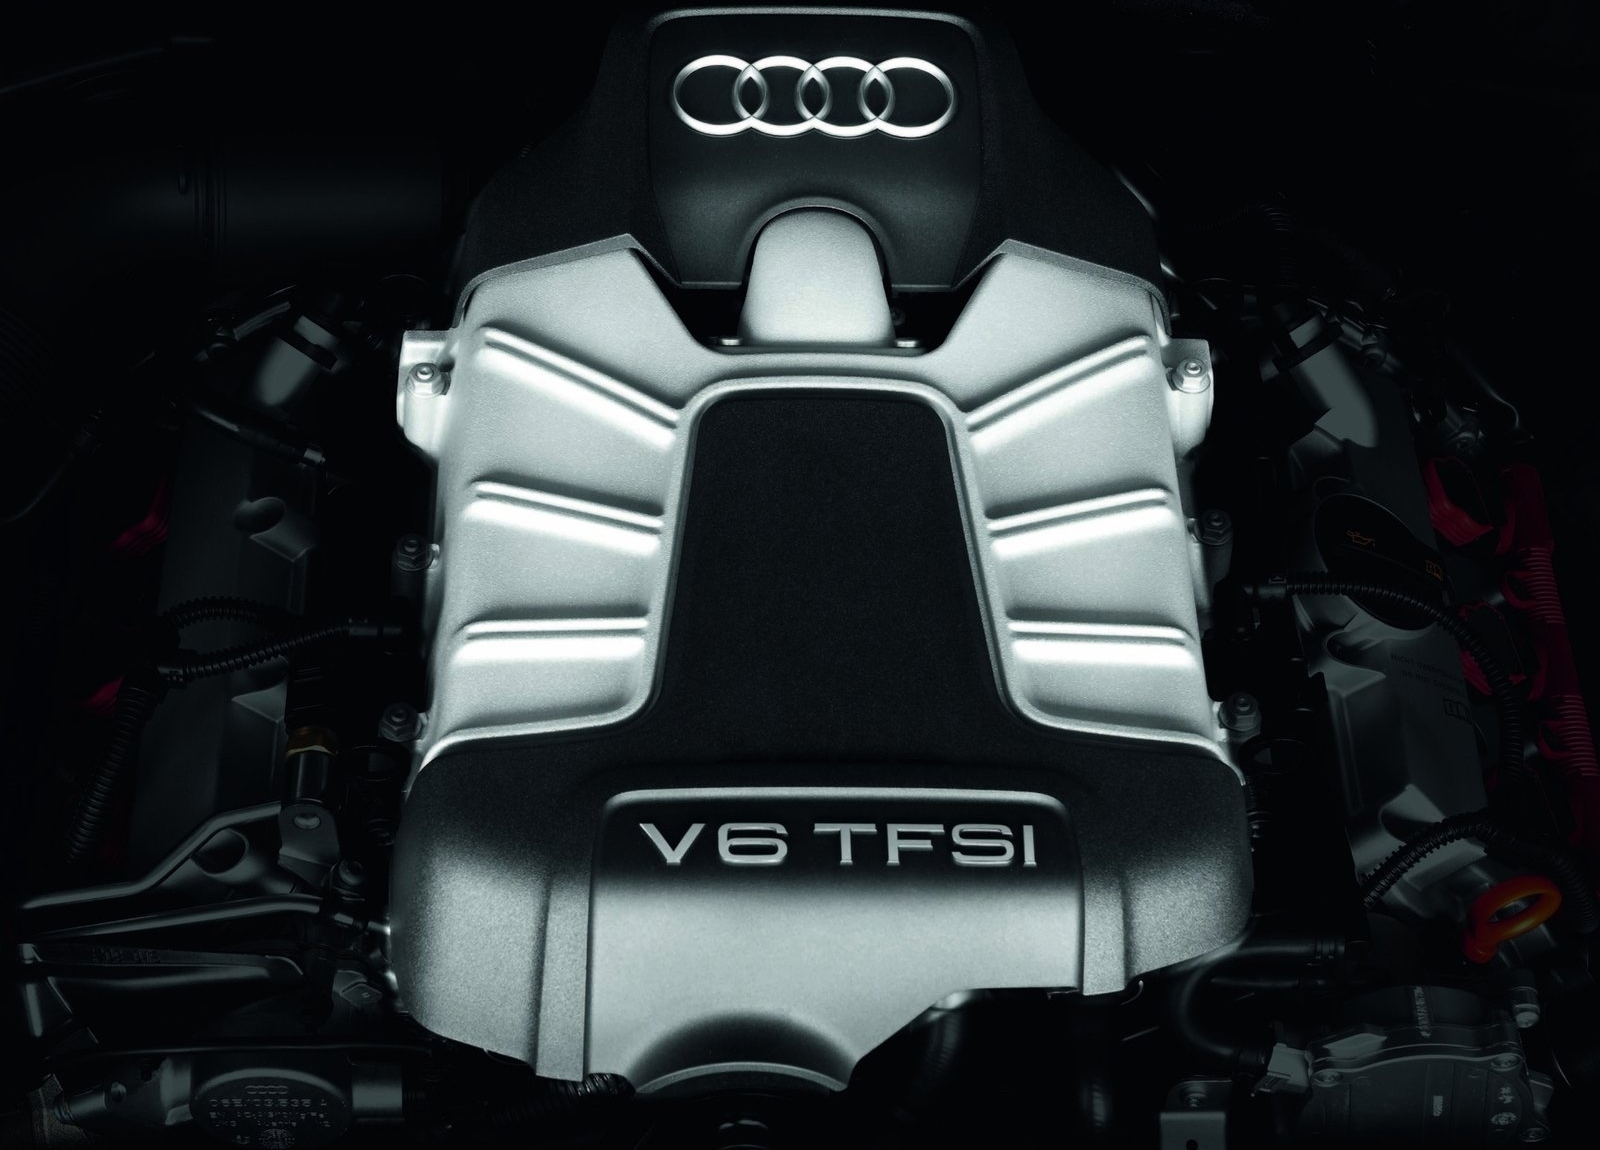 http://2.bp.blogspot.com/-SwmCzS6r-98/T0fU_bzqL3I/AAAAAAAAFAg/JW2tQOQ4ov0/s1600/Audi-2011_Q7_wallpaper-1600x1200_0044.jpg